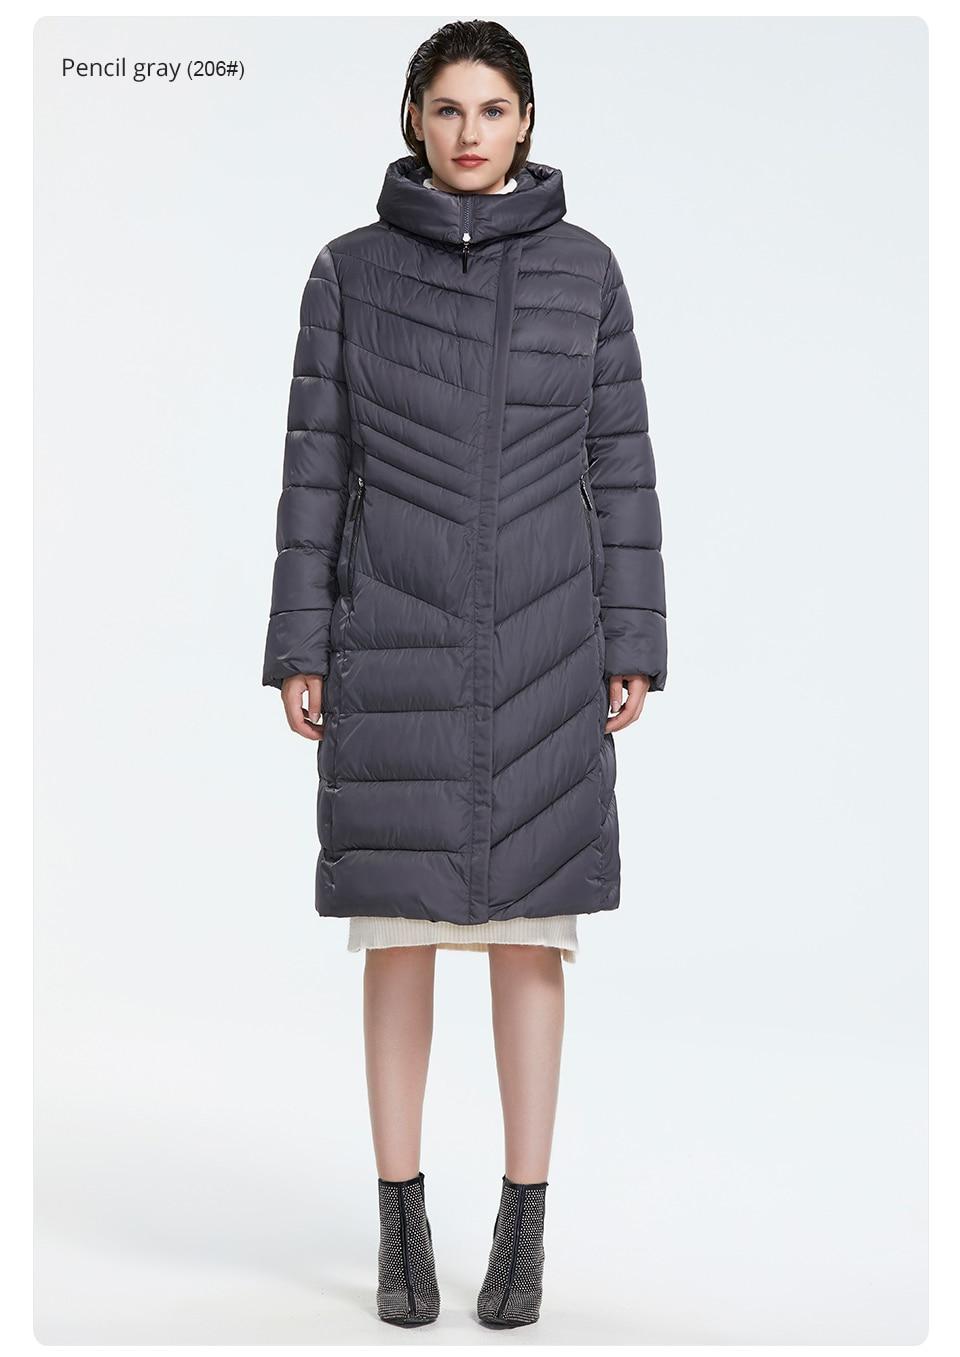 slim jacket (11)